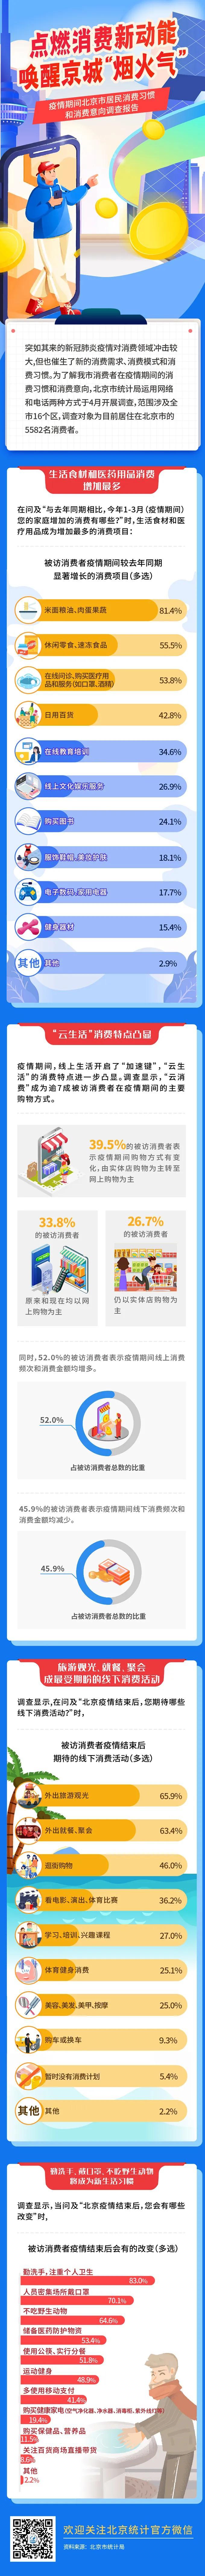 赢咖3官网,消费新动能唤赢咖3官网醒京城烟火气图片